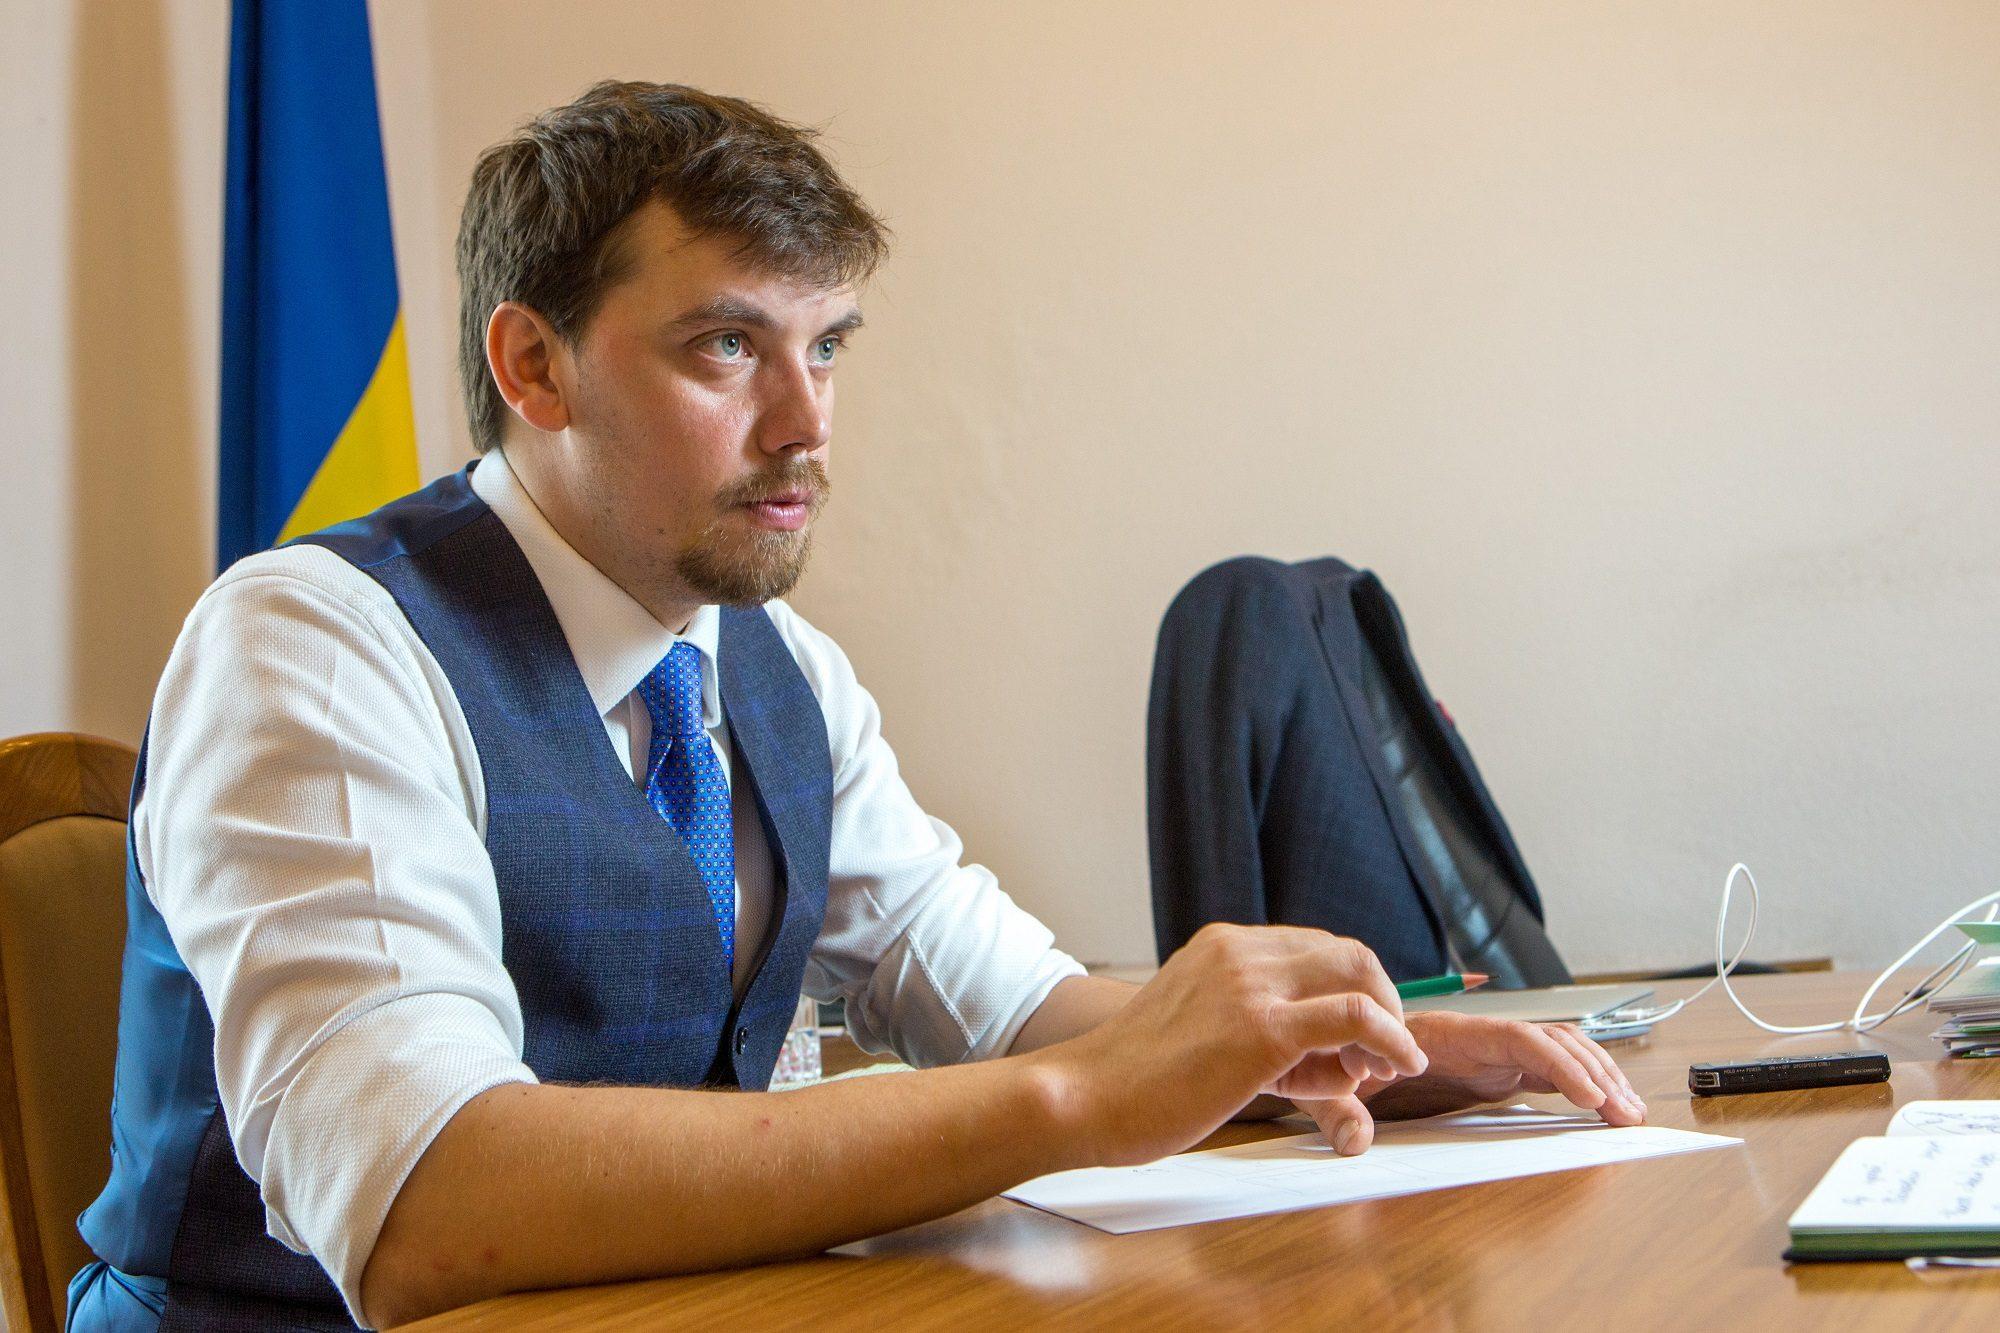 В Україні створять Офіс фінансового контролю -  - 449862626c25fce0e003d0f021da397f 2000x1333